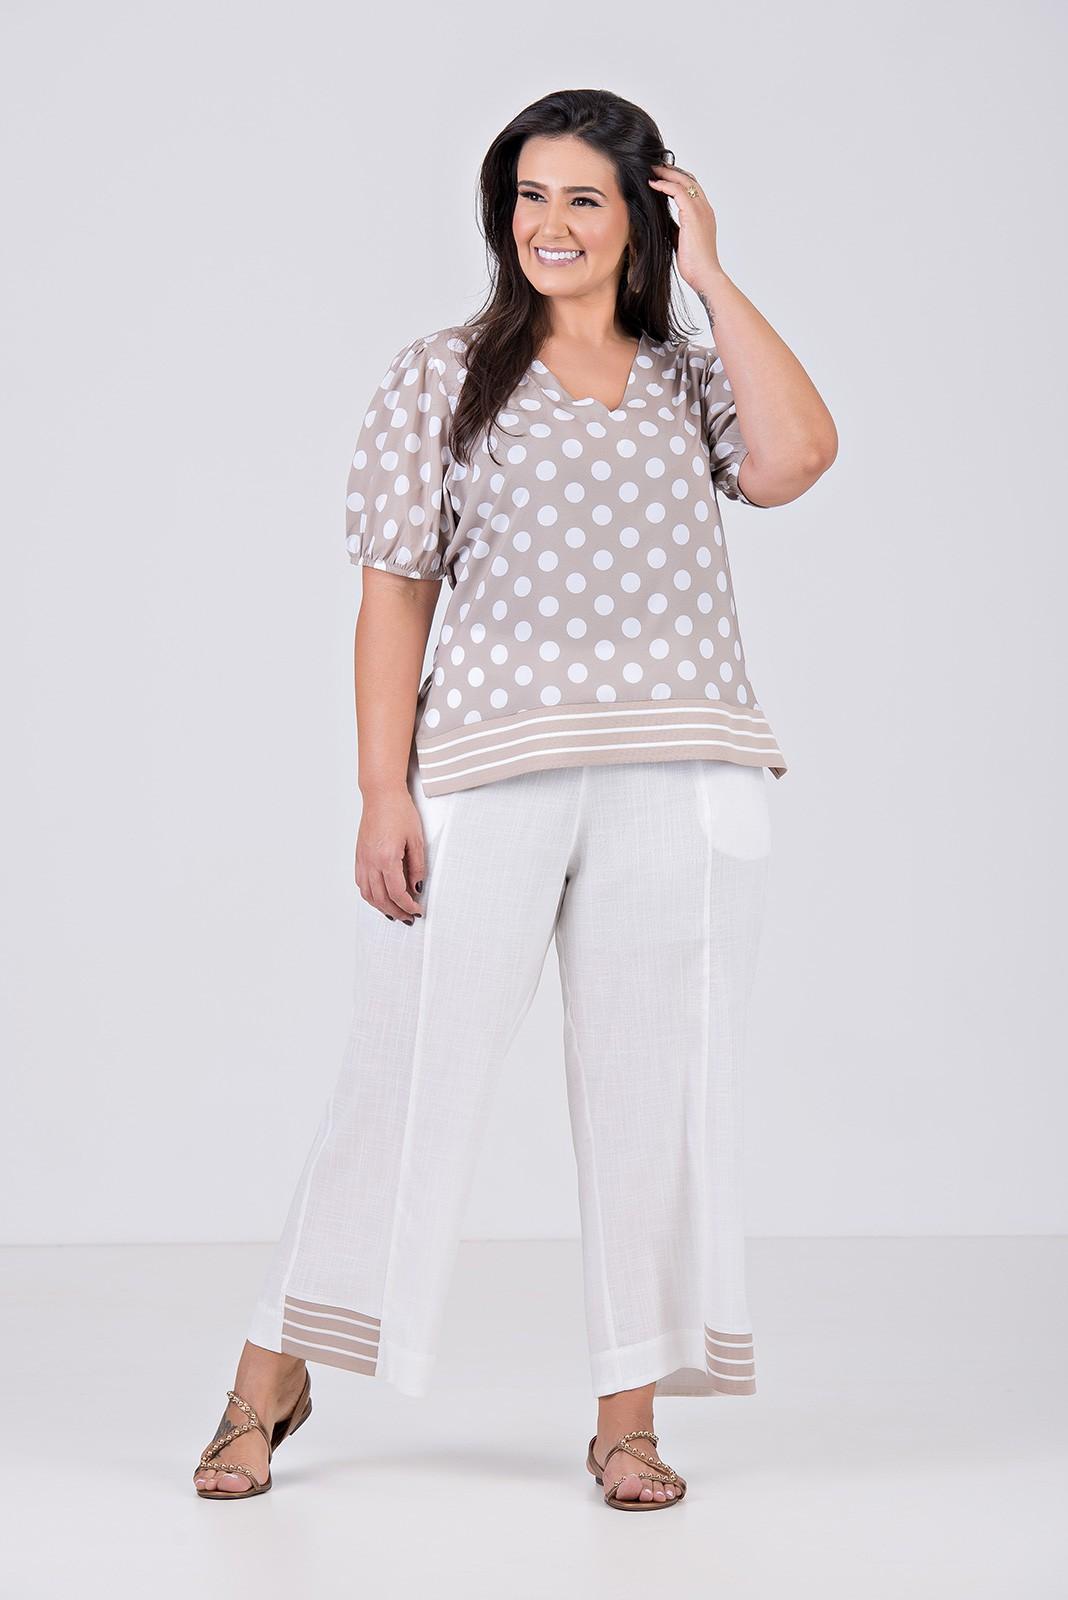 Blusa de Tecido com Elastano com detalhe em Retilinea - Plus Size